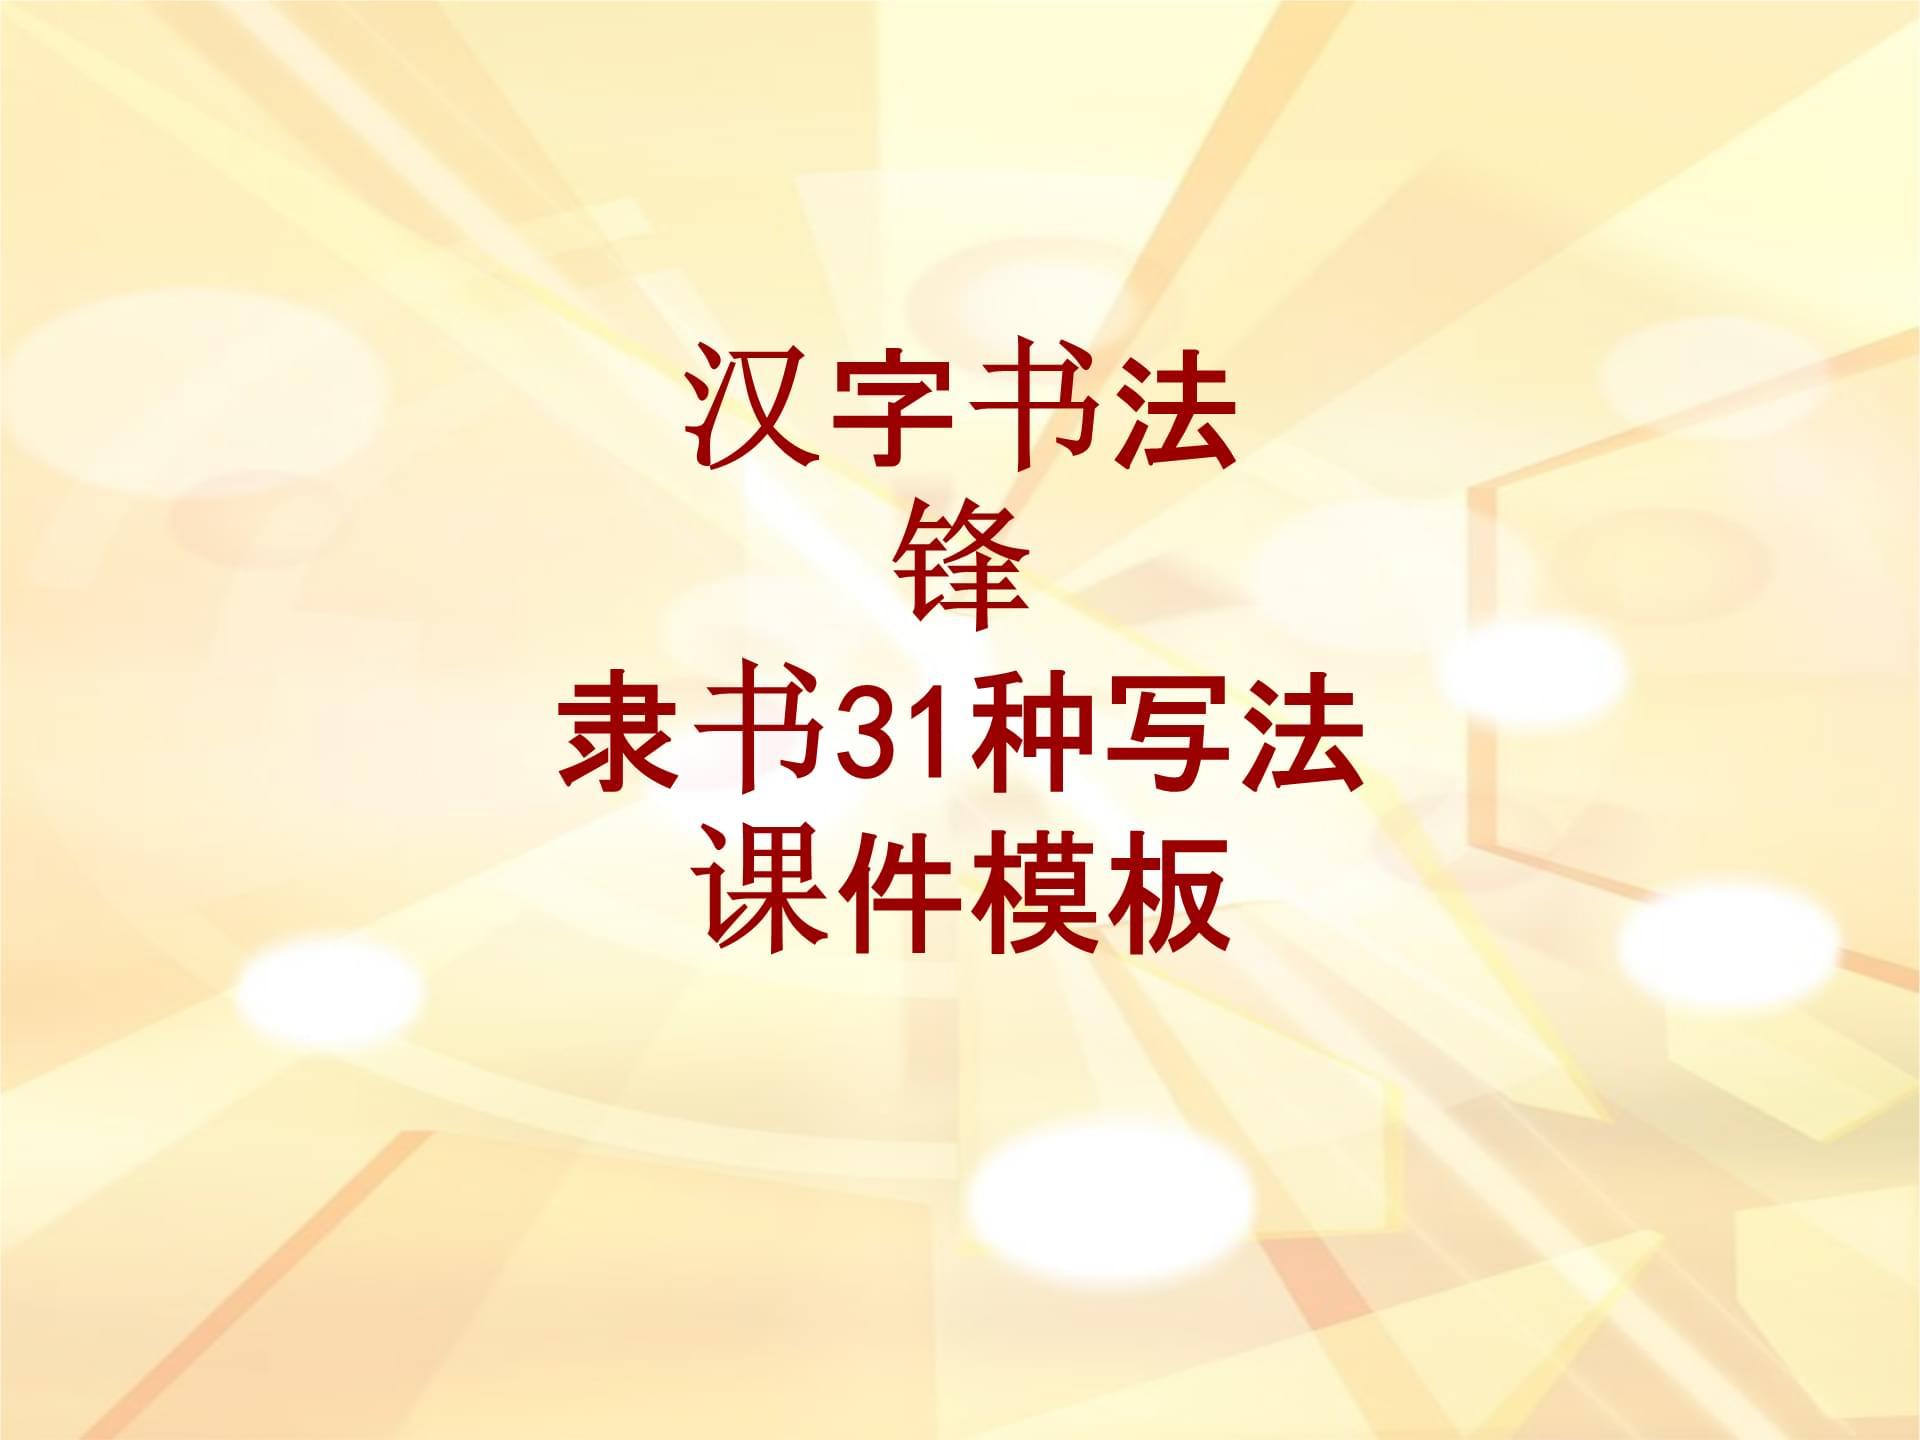 汉字书法课件模板:锋_隶书31种写法.ppt